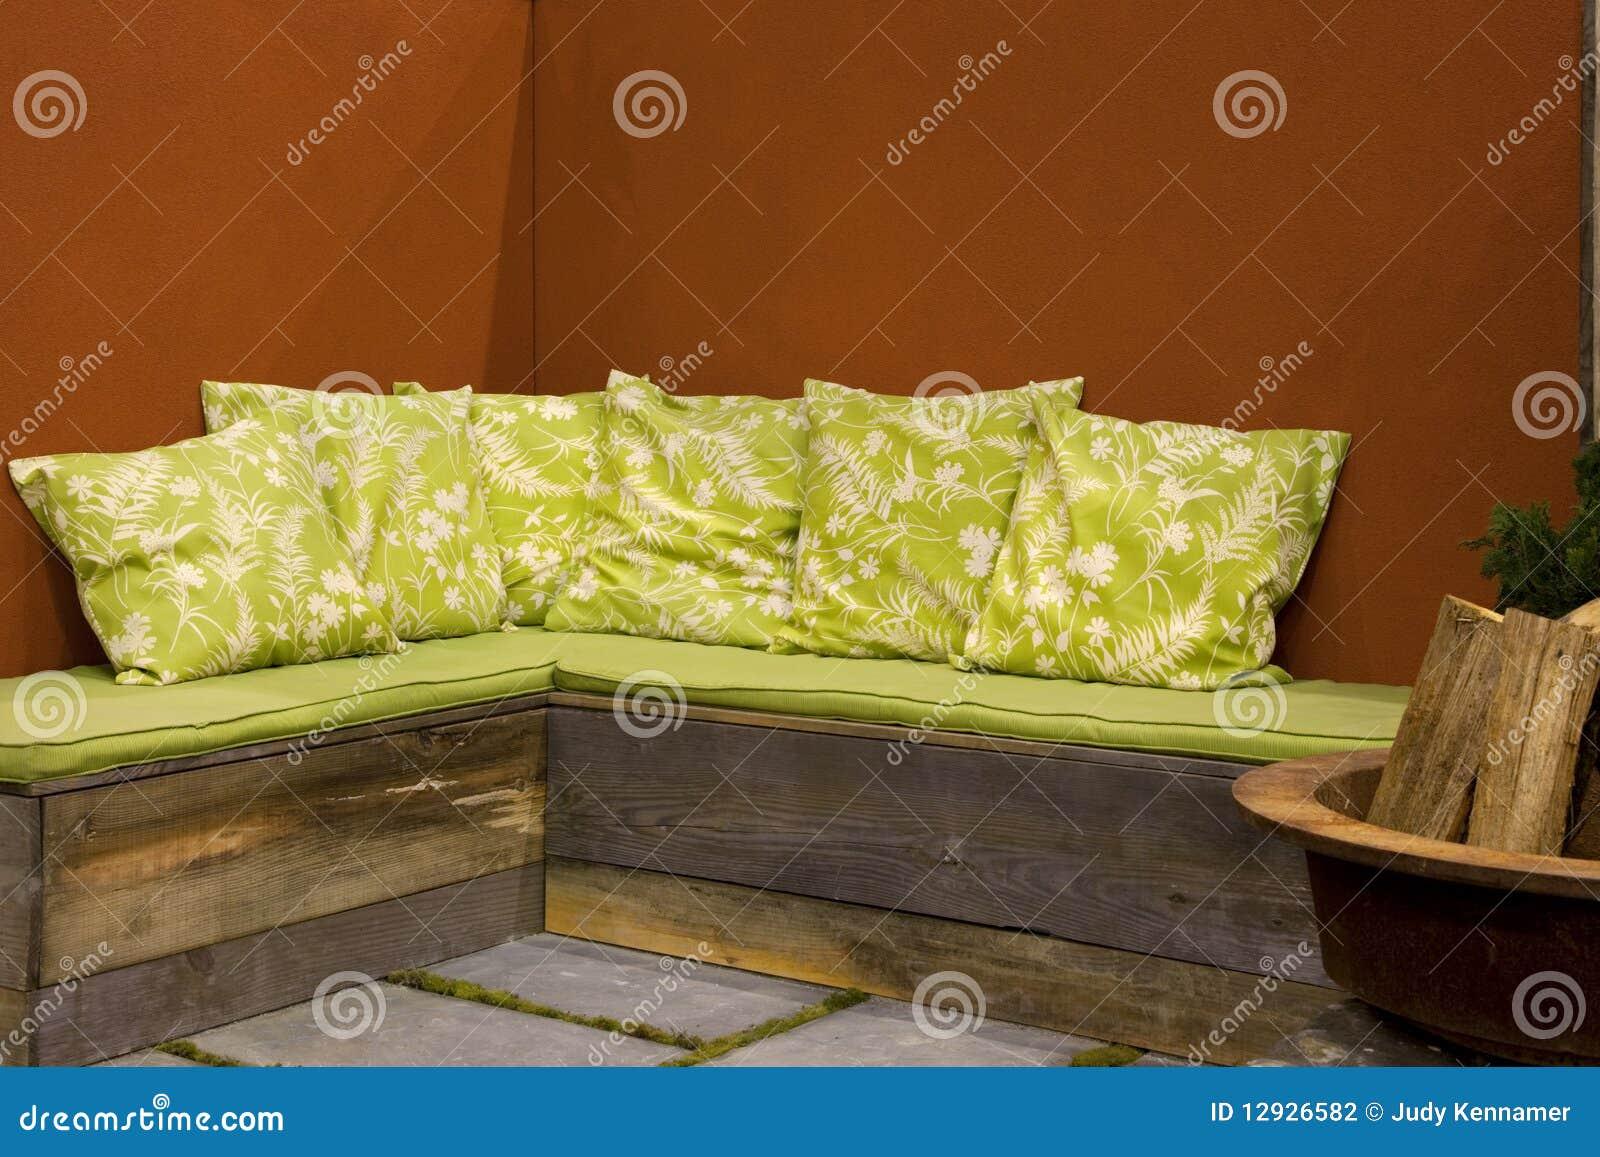 meubles ext rieurs de patio photographie stock image 12926582. Black Bedroom Furniture Sets. Home Design Ideas